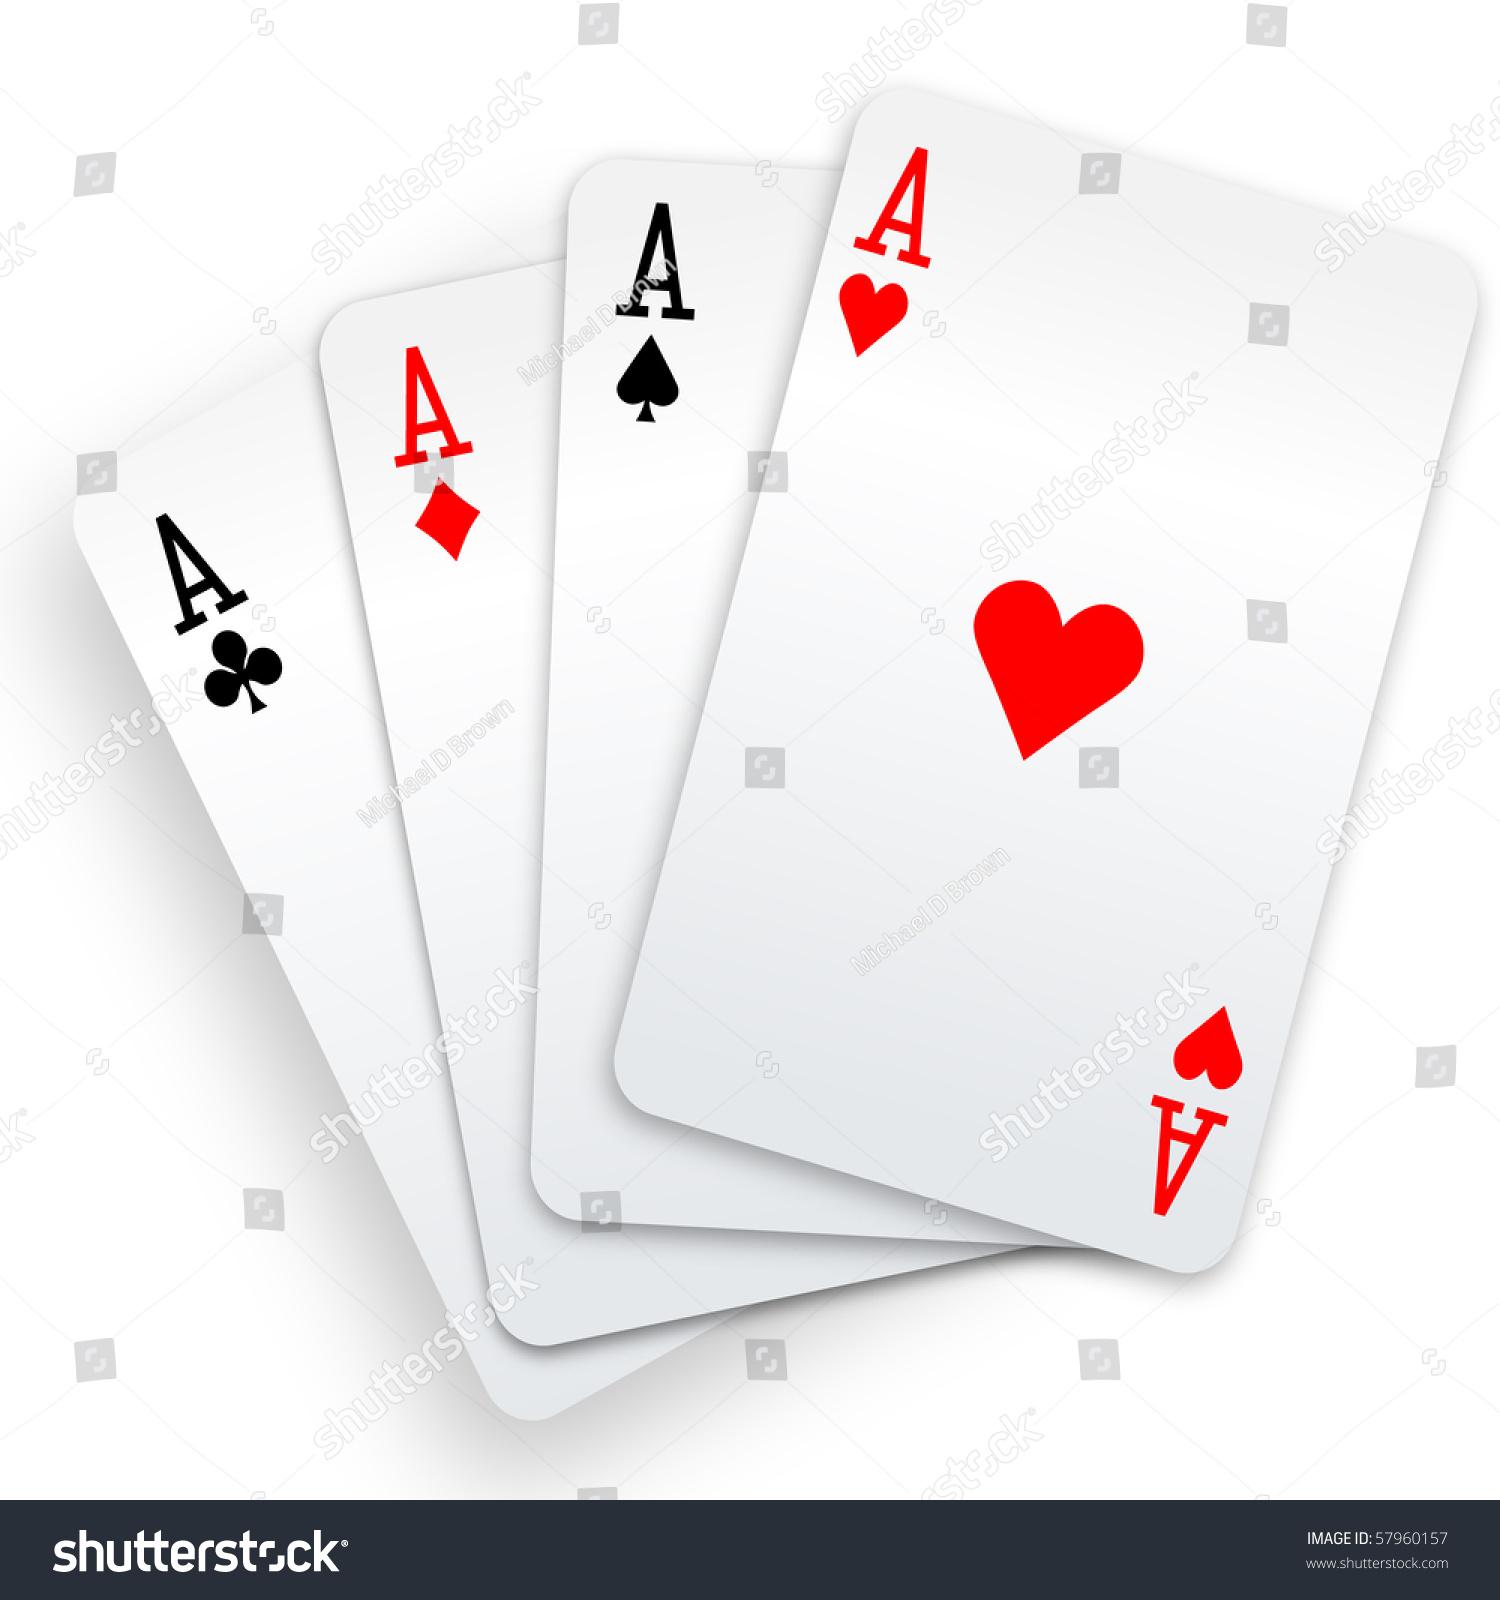 winning suits in poker